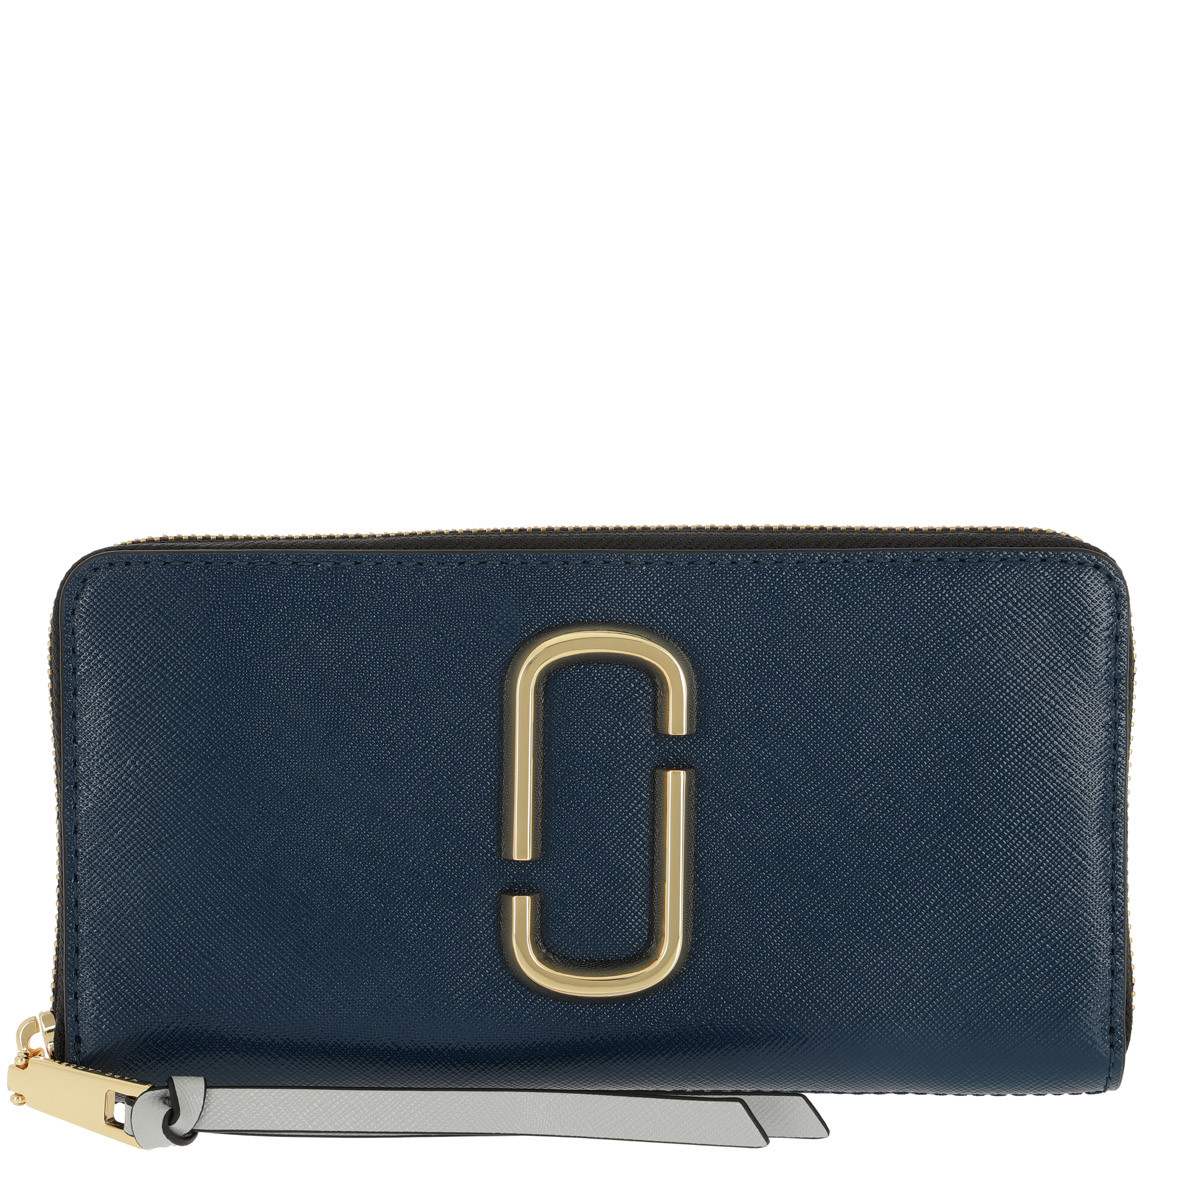 Marc Jacobs Portemonnaie - Snapshot Standard Continental Wallet Leather Blue Sea - in blau - für Damen